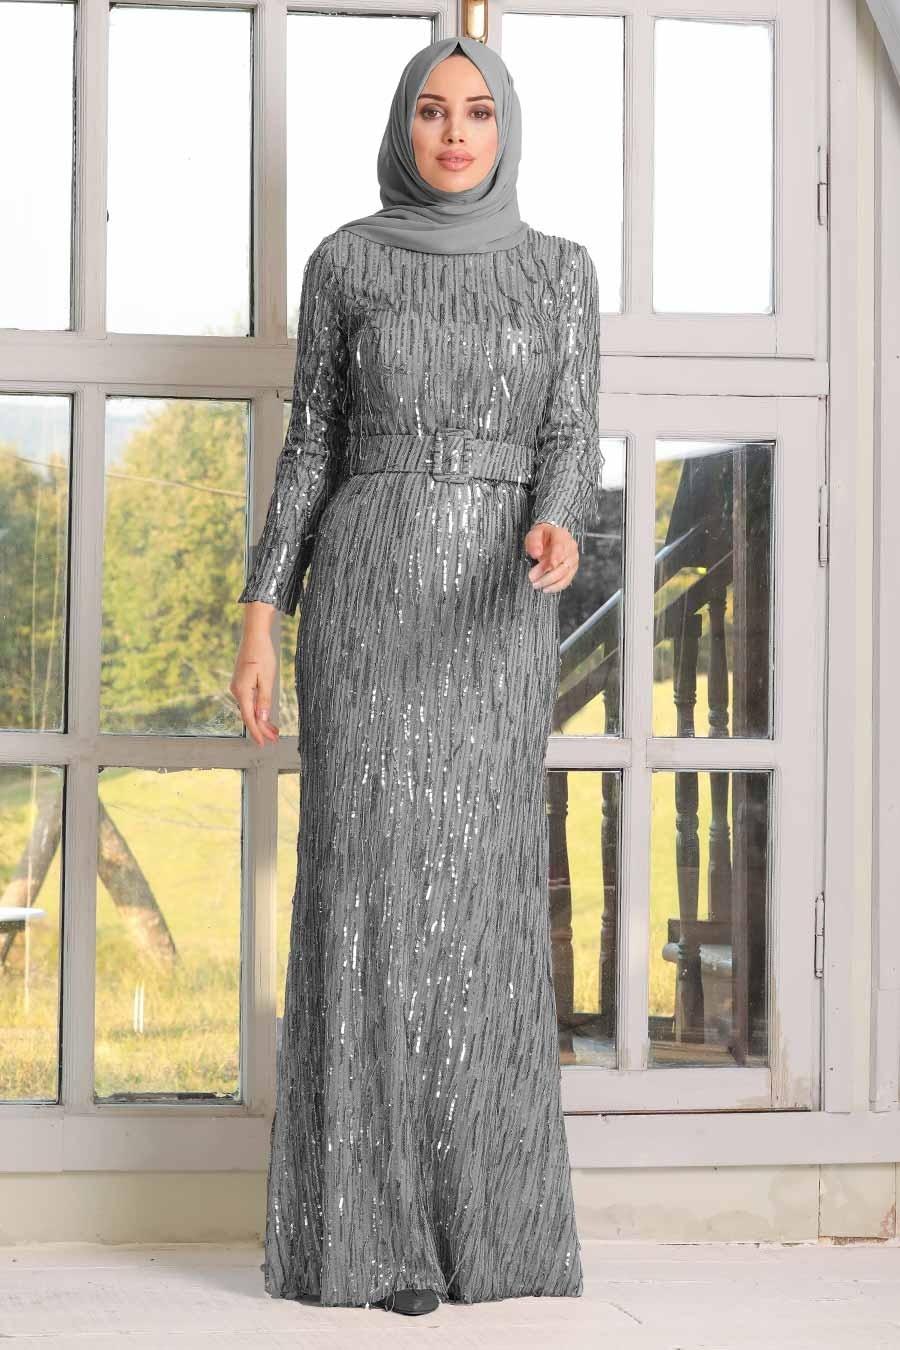 Tesettürlü Abiye Elbise - Pul Payetli Gri Tesettür Abiye Elbise 3447GR